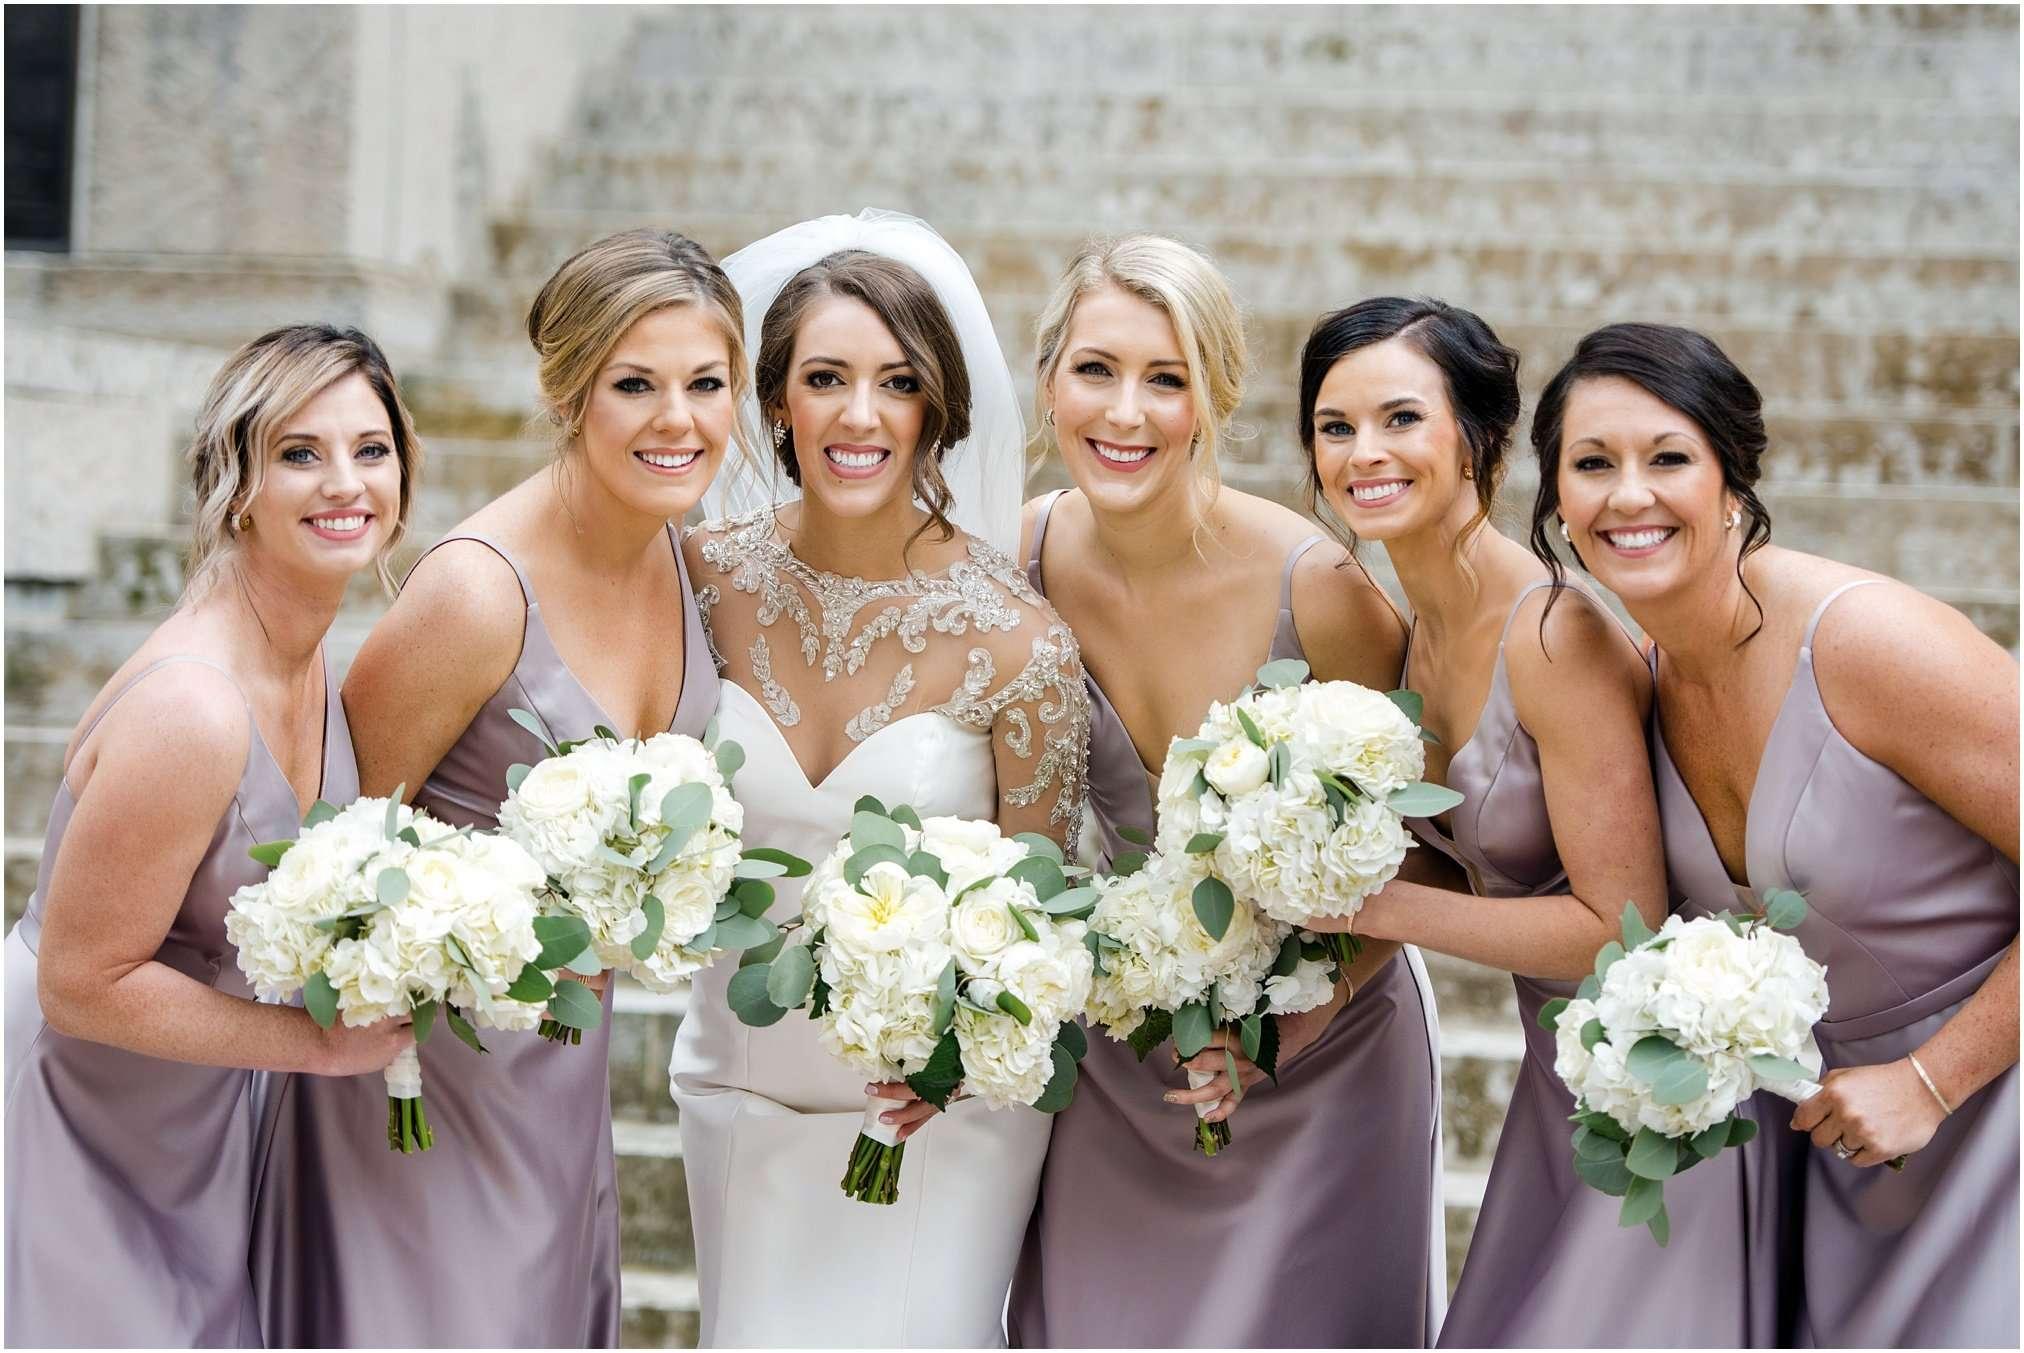 Spring Wedding at the Ohio Statehouse | Columbus Ohio Photography 72